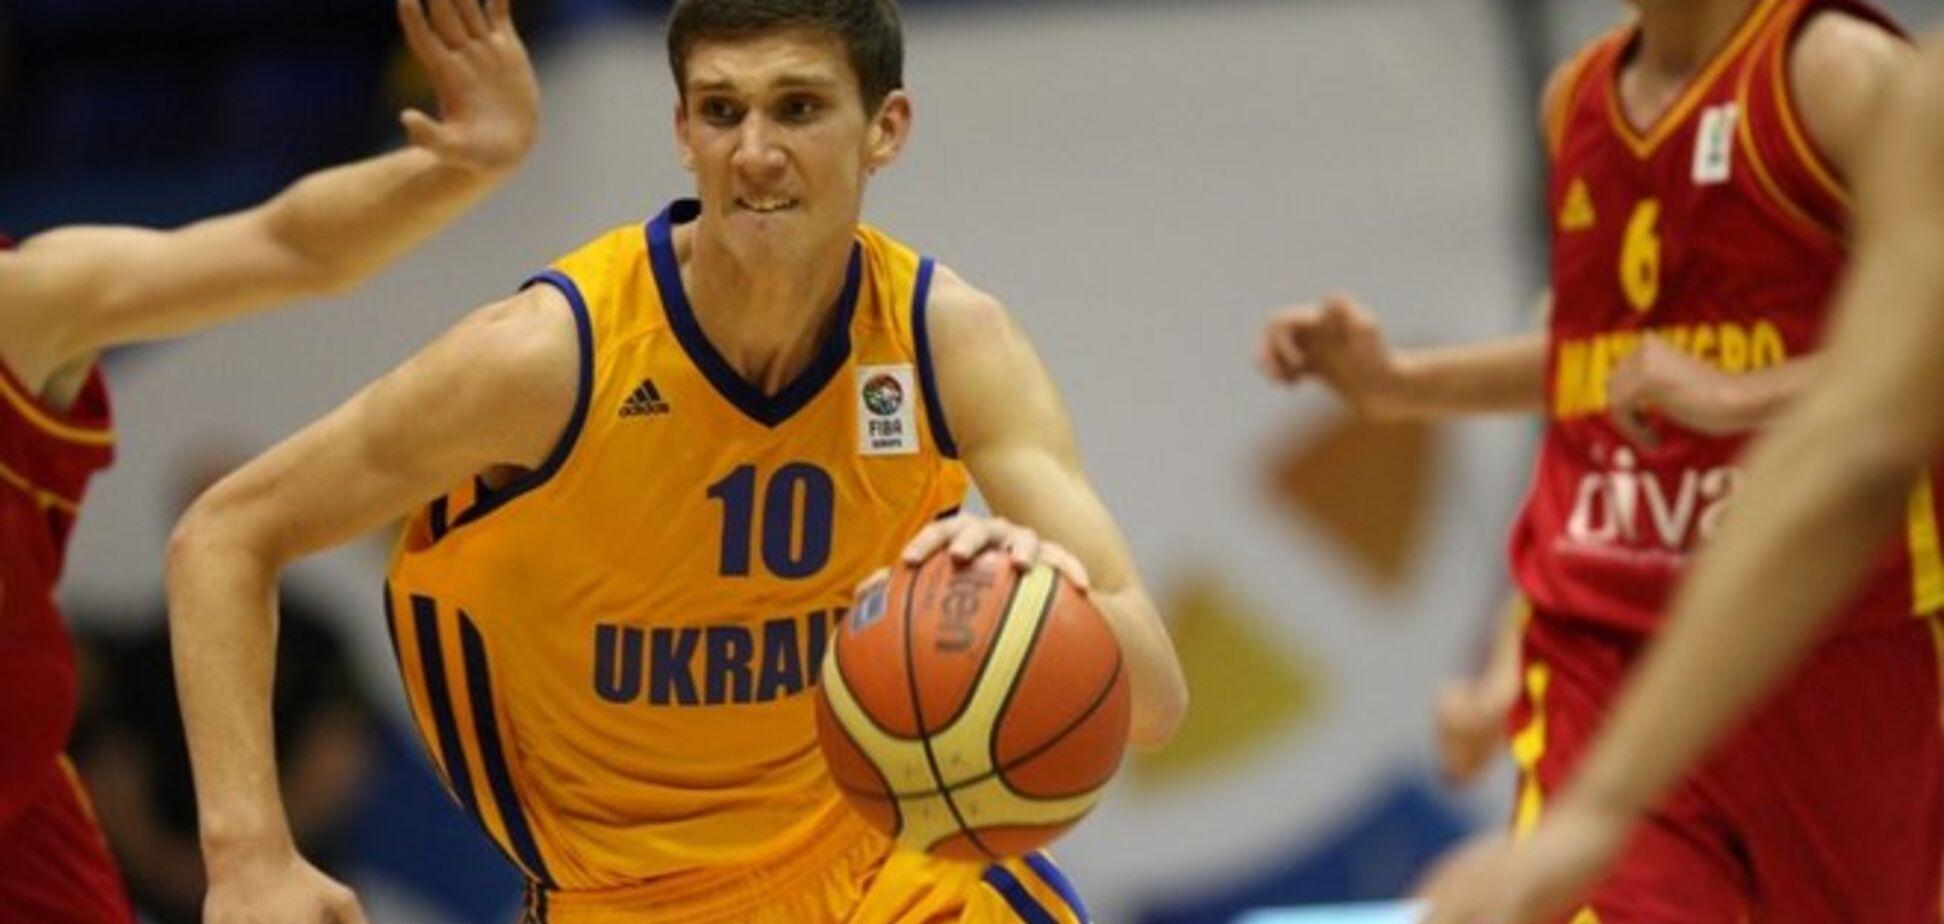 Лучший молодой украинский баскетболист продолжит карьеру в США